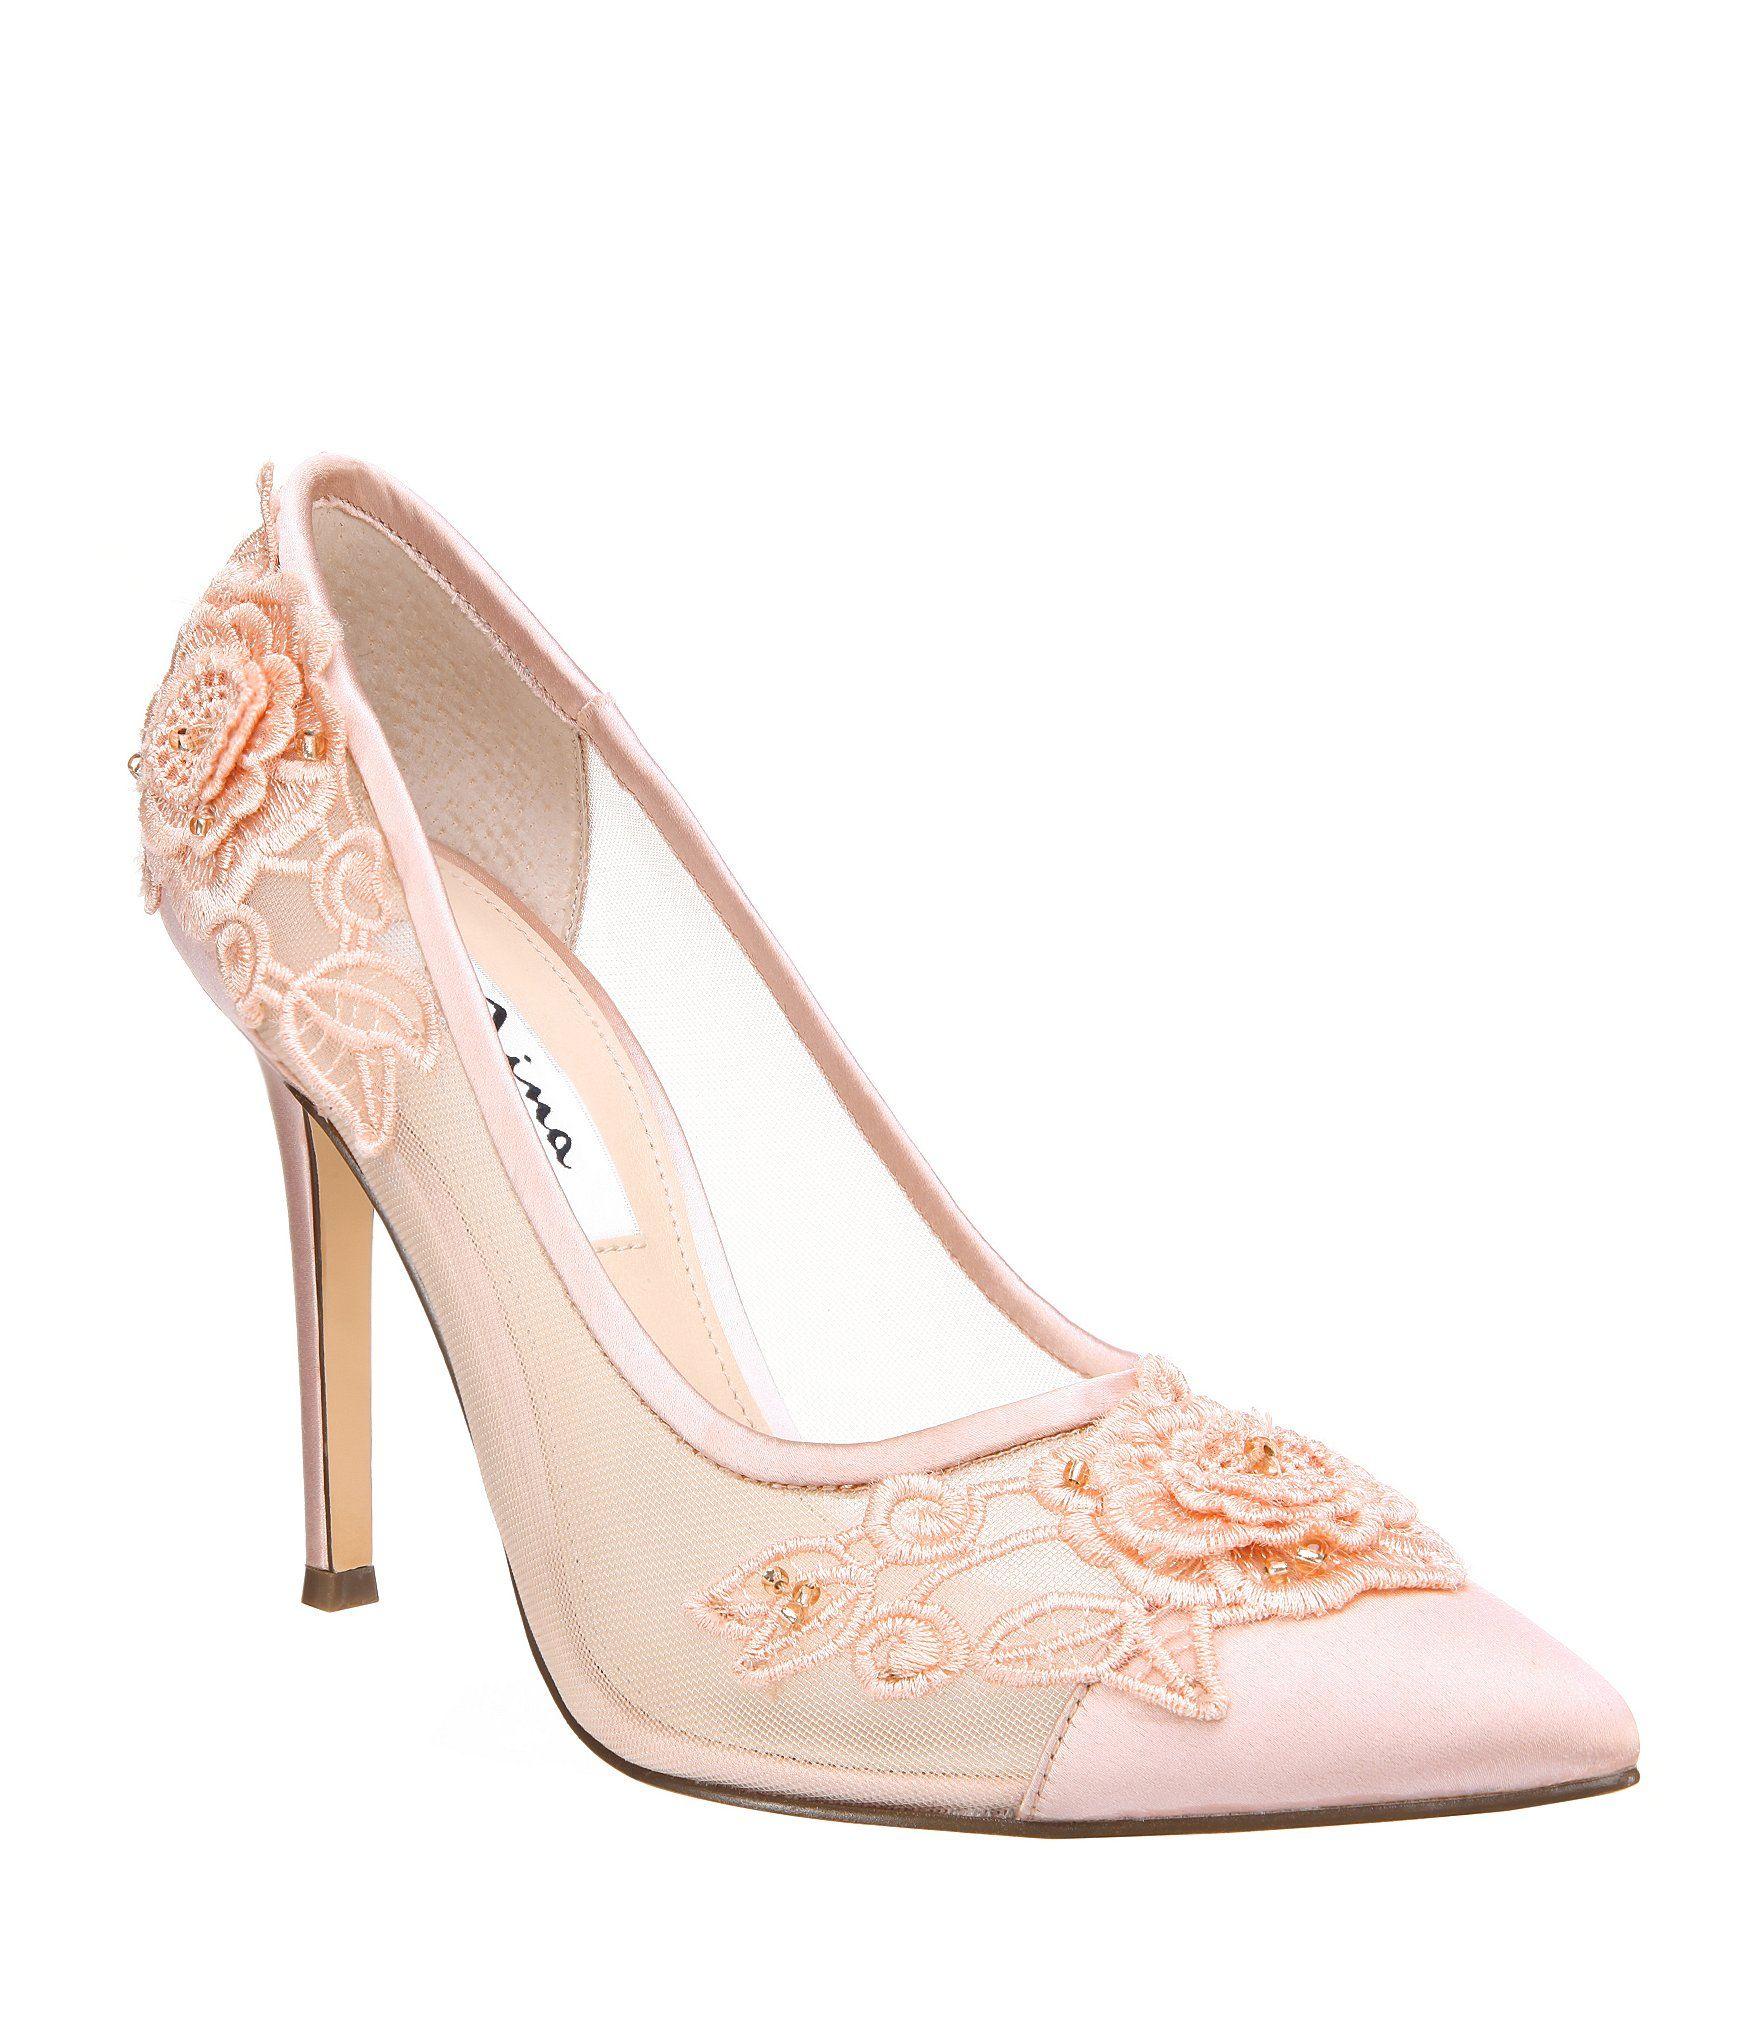 88ba18136d7 Nina Donela Satin and Mesh Rose Applique Embellishment Pumps  Dillards